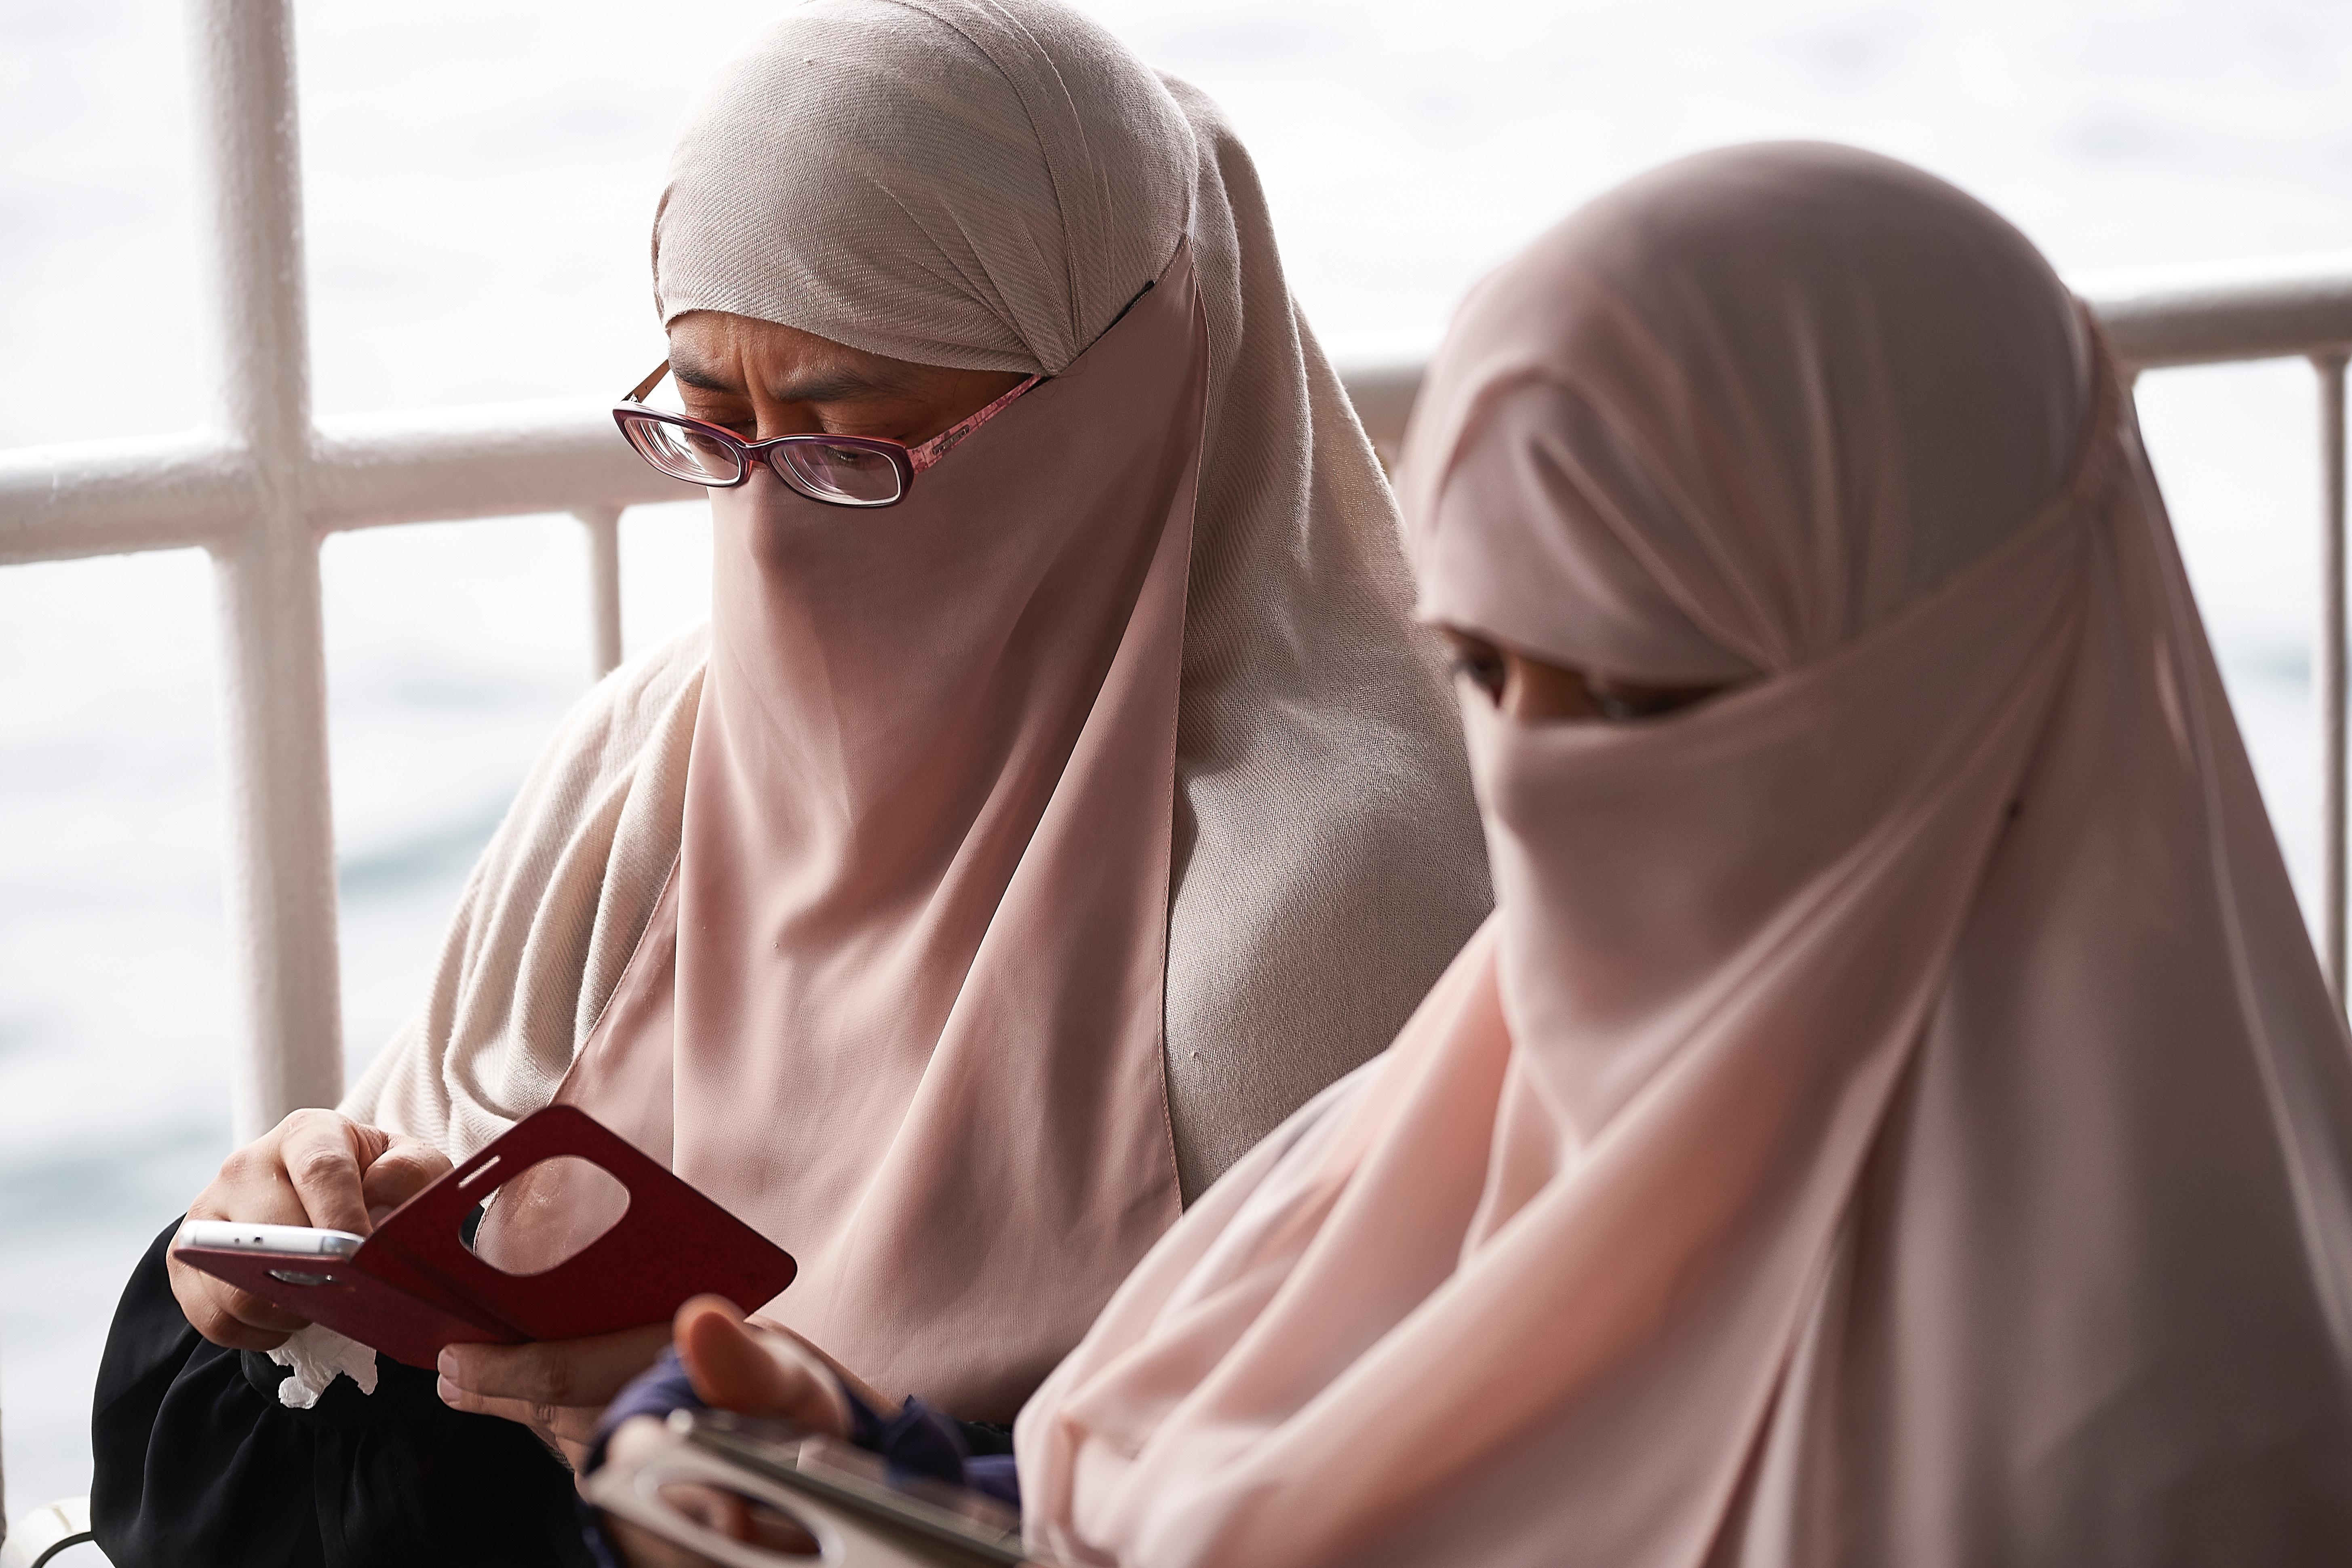 Dating a muslim girl in secret